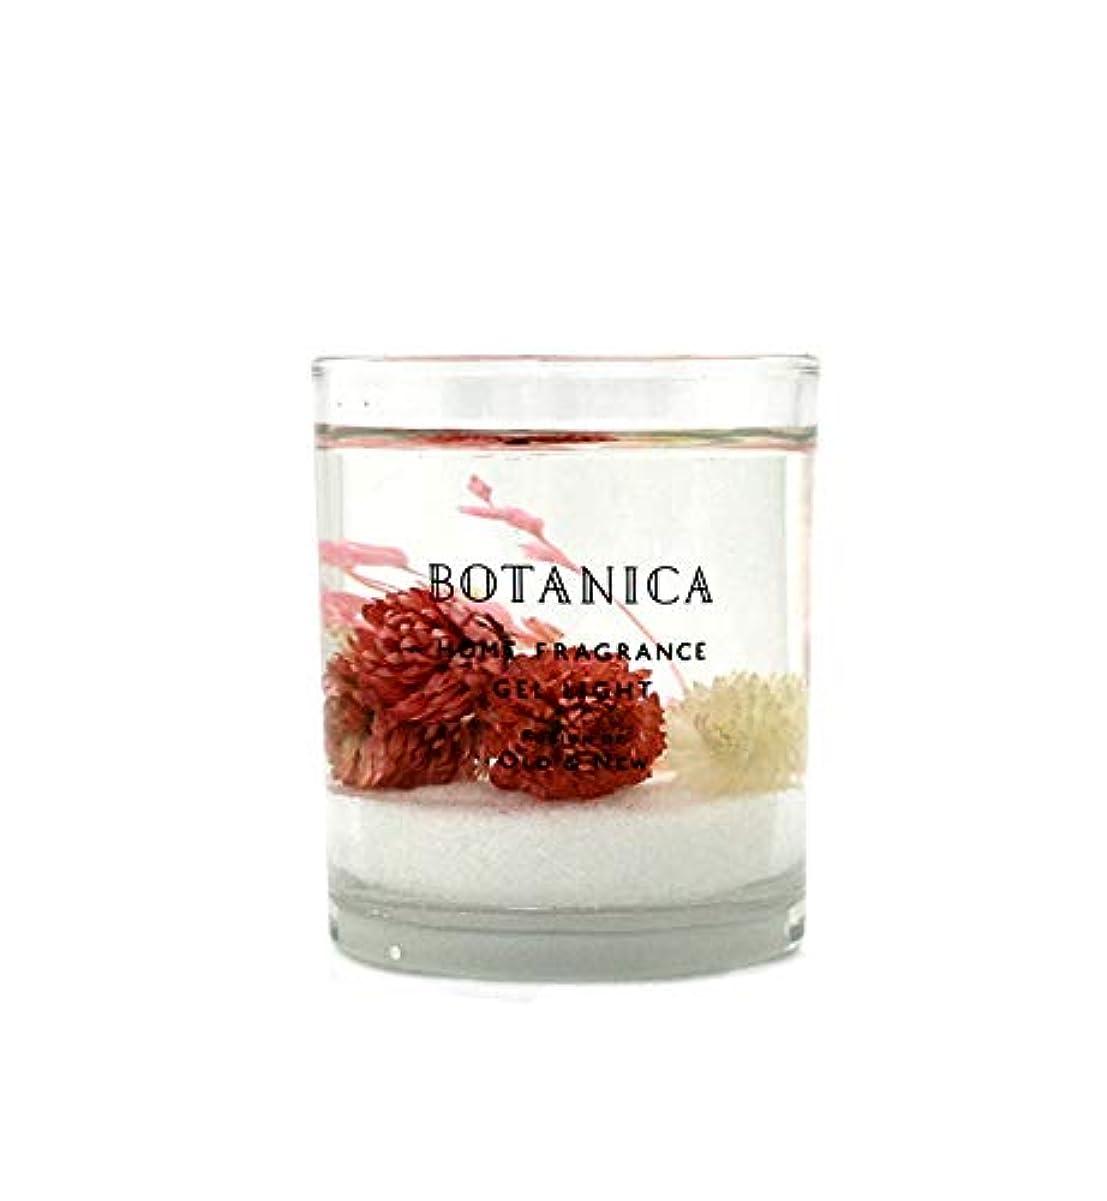 ミンチスロベニア第四BOTANICA(ボタニカ) BOTANICA ハーバリウムジェルライト プリムフラワー Herbarium Gel Light Primm Flower ボタニカ H75×Φ60mm/90g